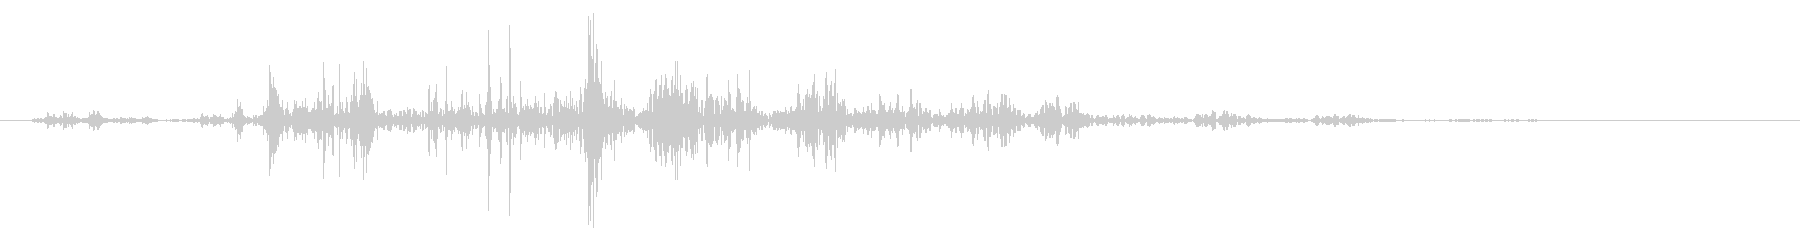 ネバネバ、ヌメヌメとした不気味な音A#4の未再生の波形